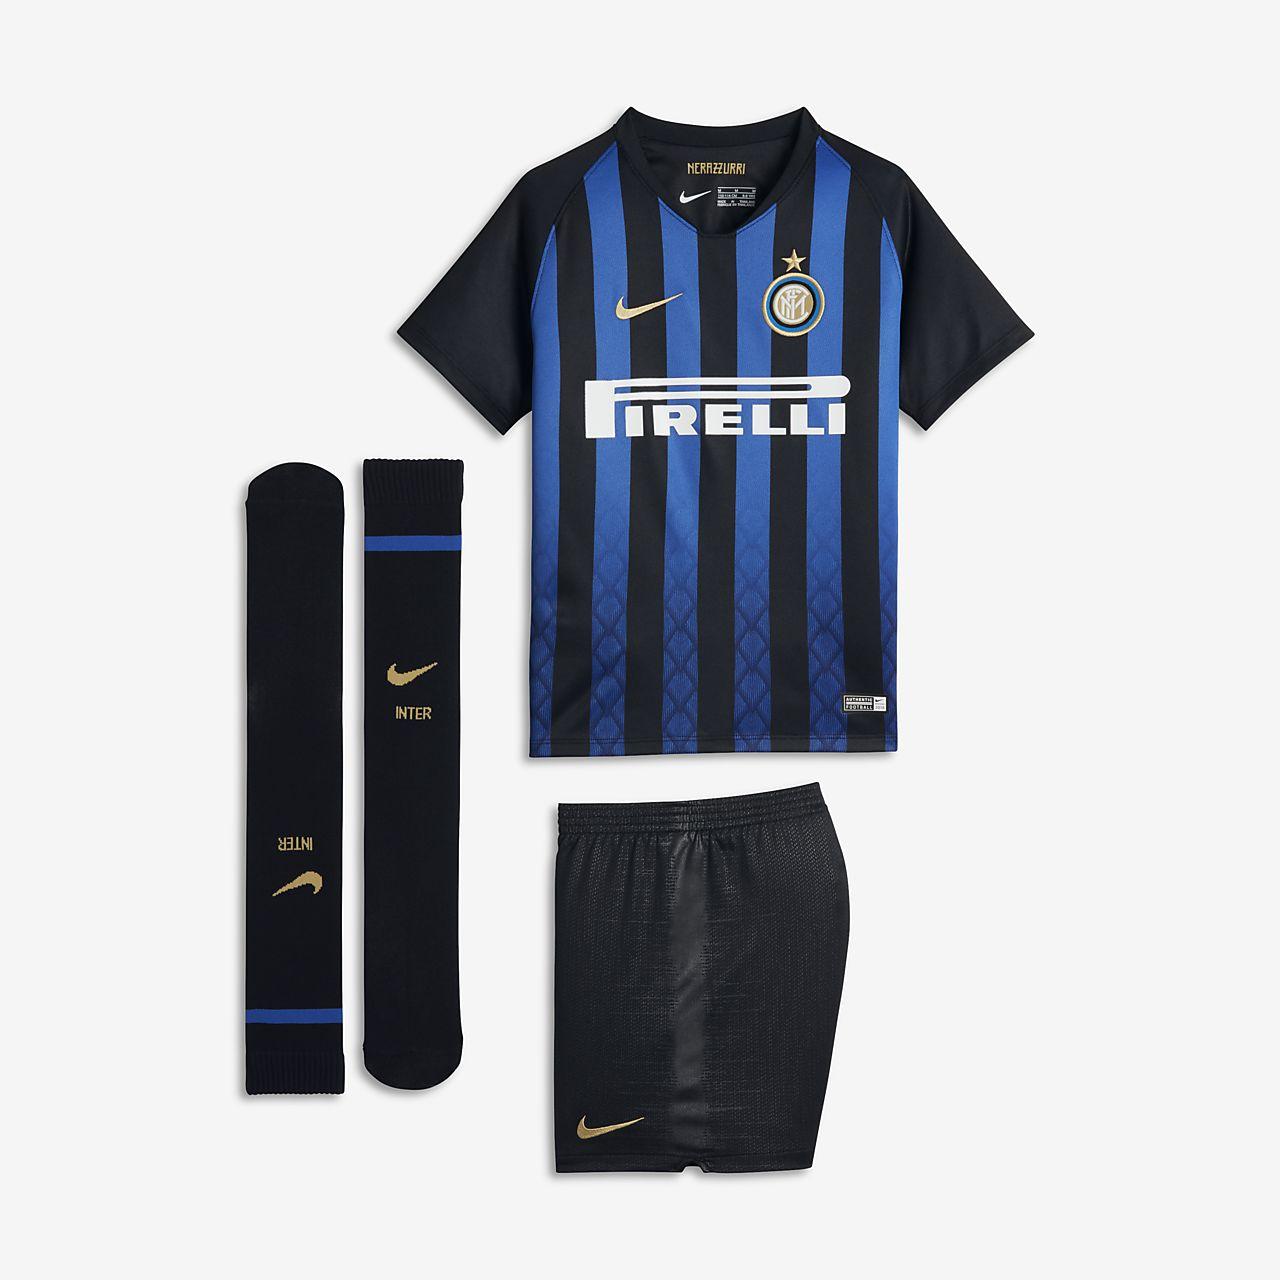 59b7040c7c8 Tenue de football 2018 19 Inter Milan Stadium Home pour Jeune enfant ...